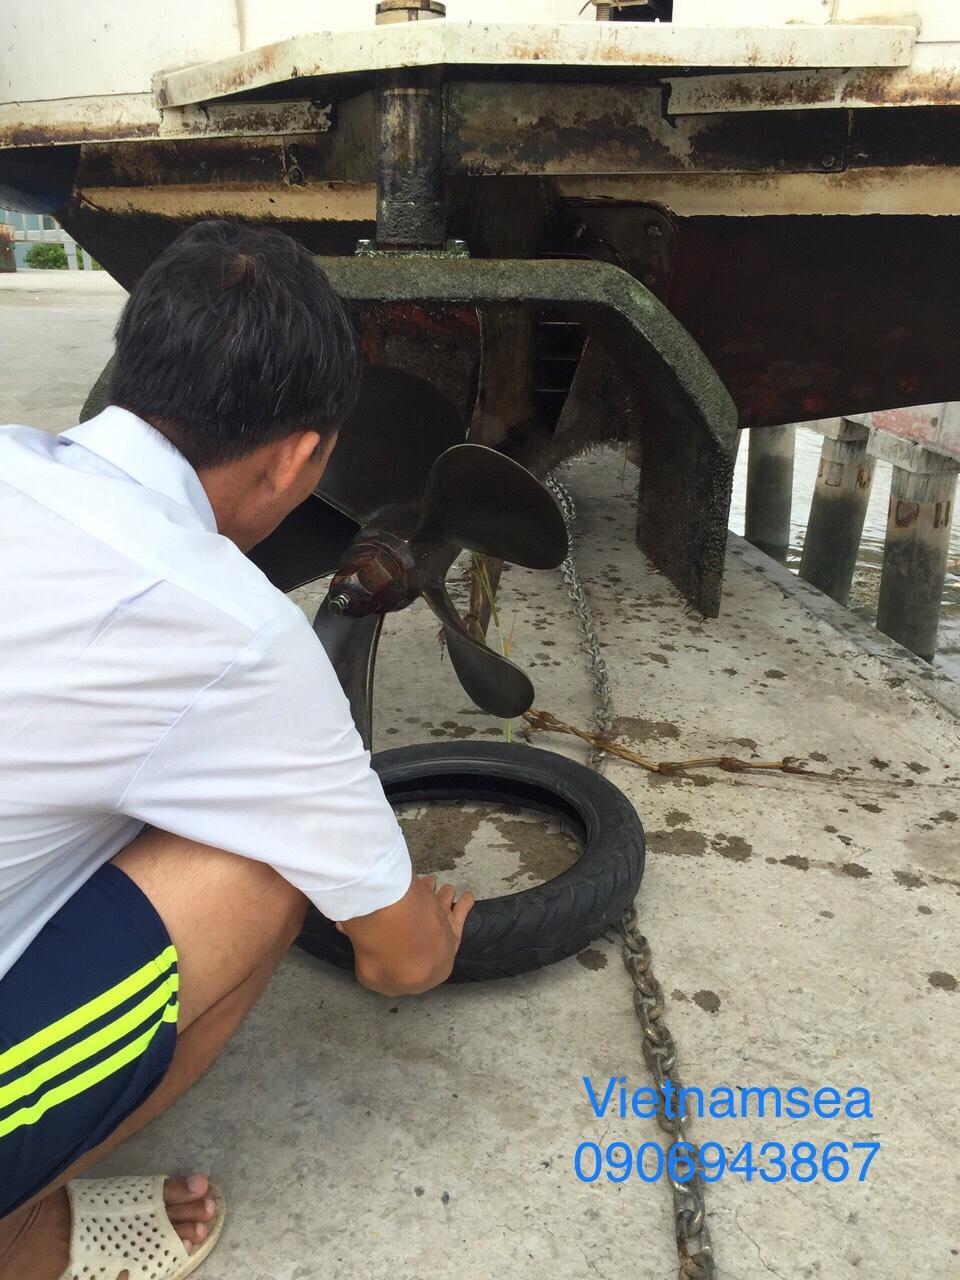 Sửa chữa lớn cano của Cảng vụ Hàng hải Thành phố Hồ chí minh